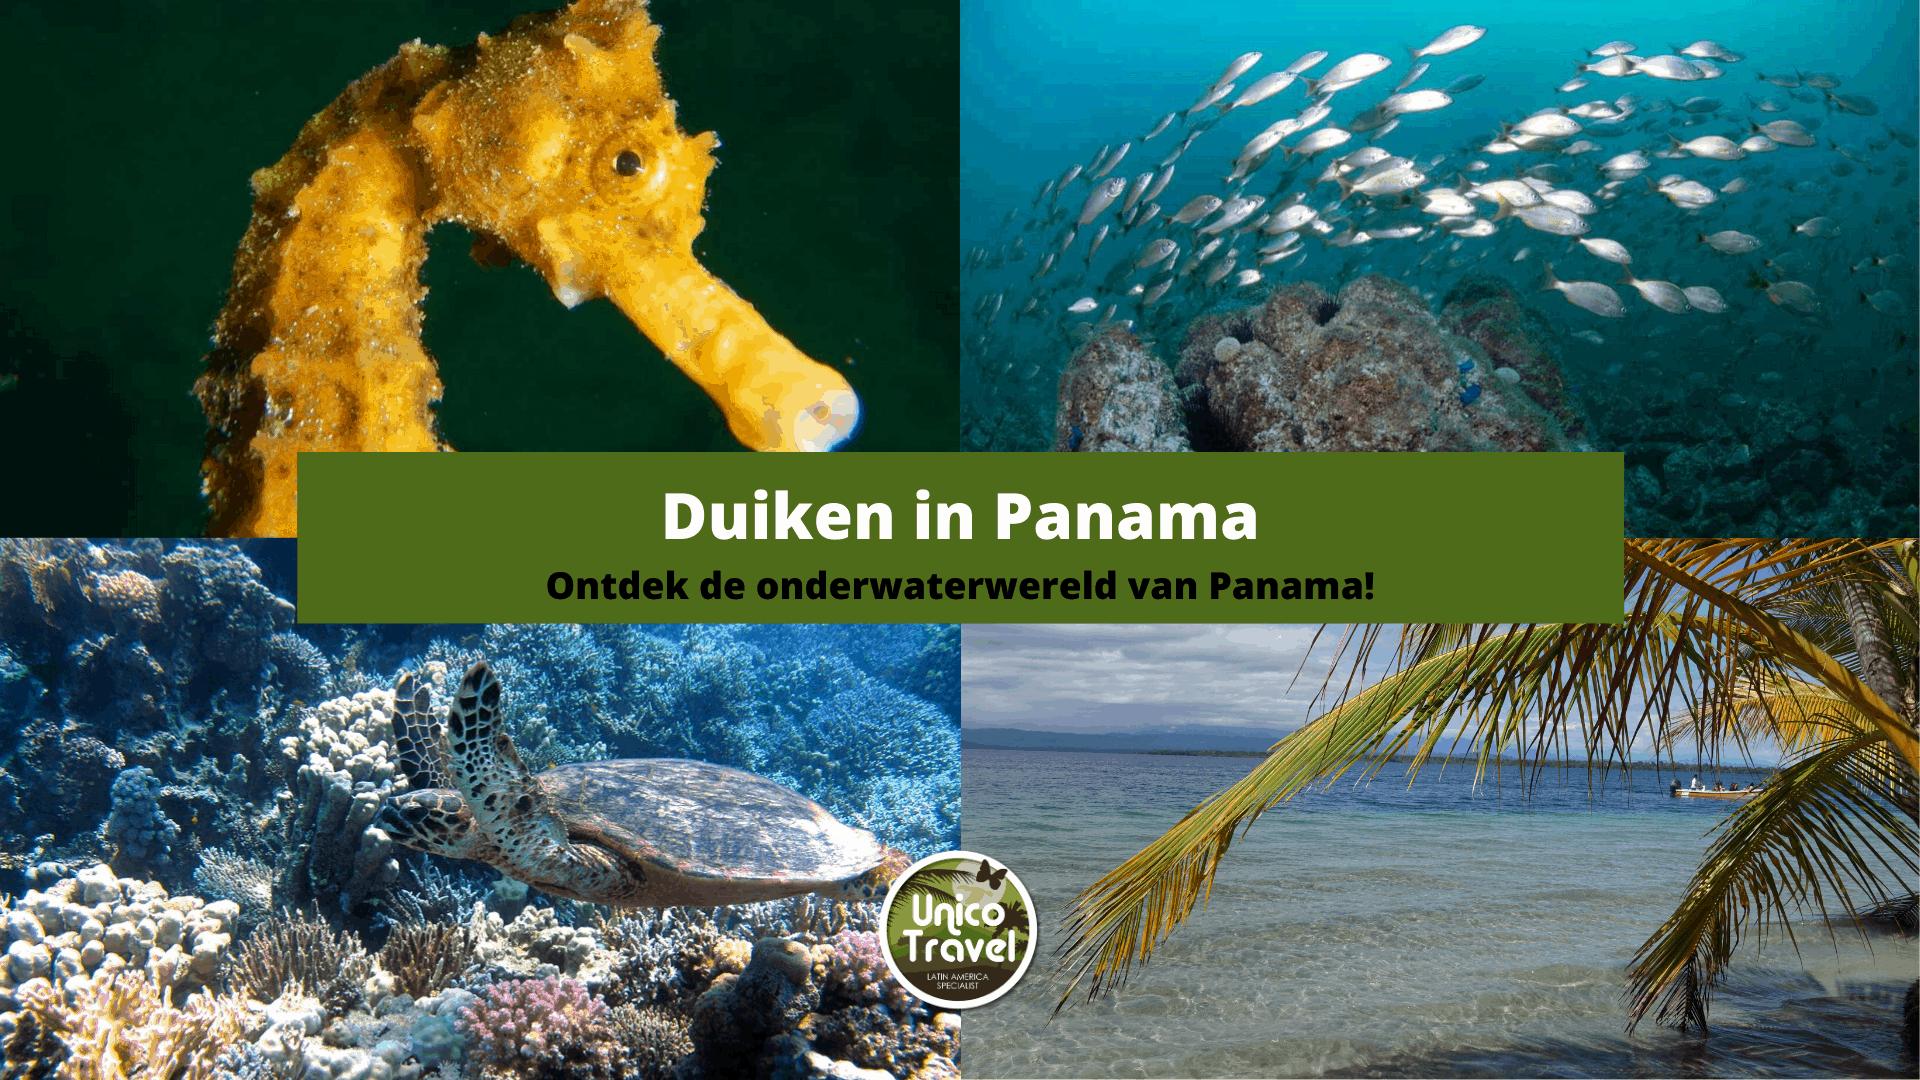 Duiken in Panama 66